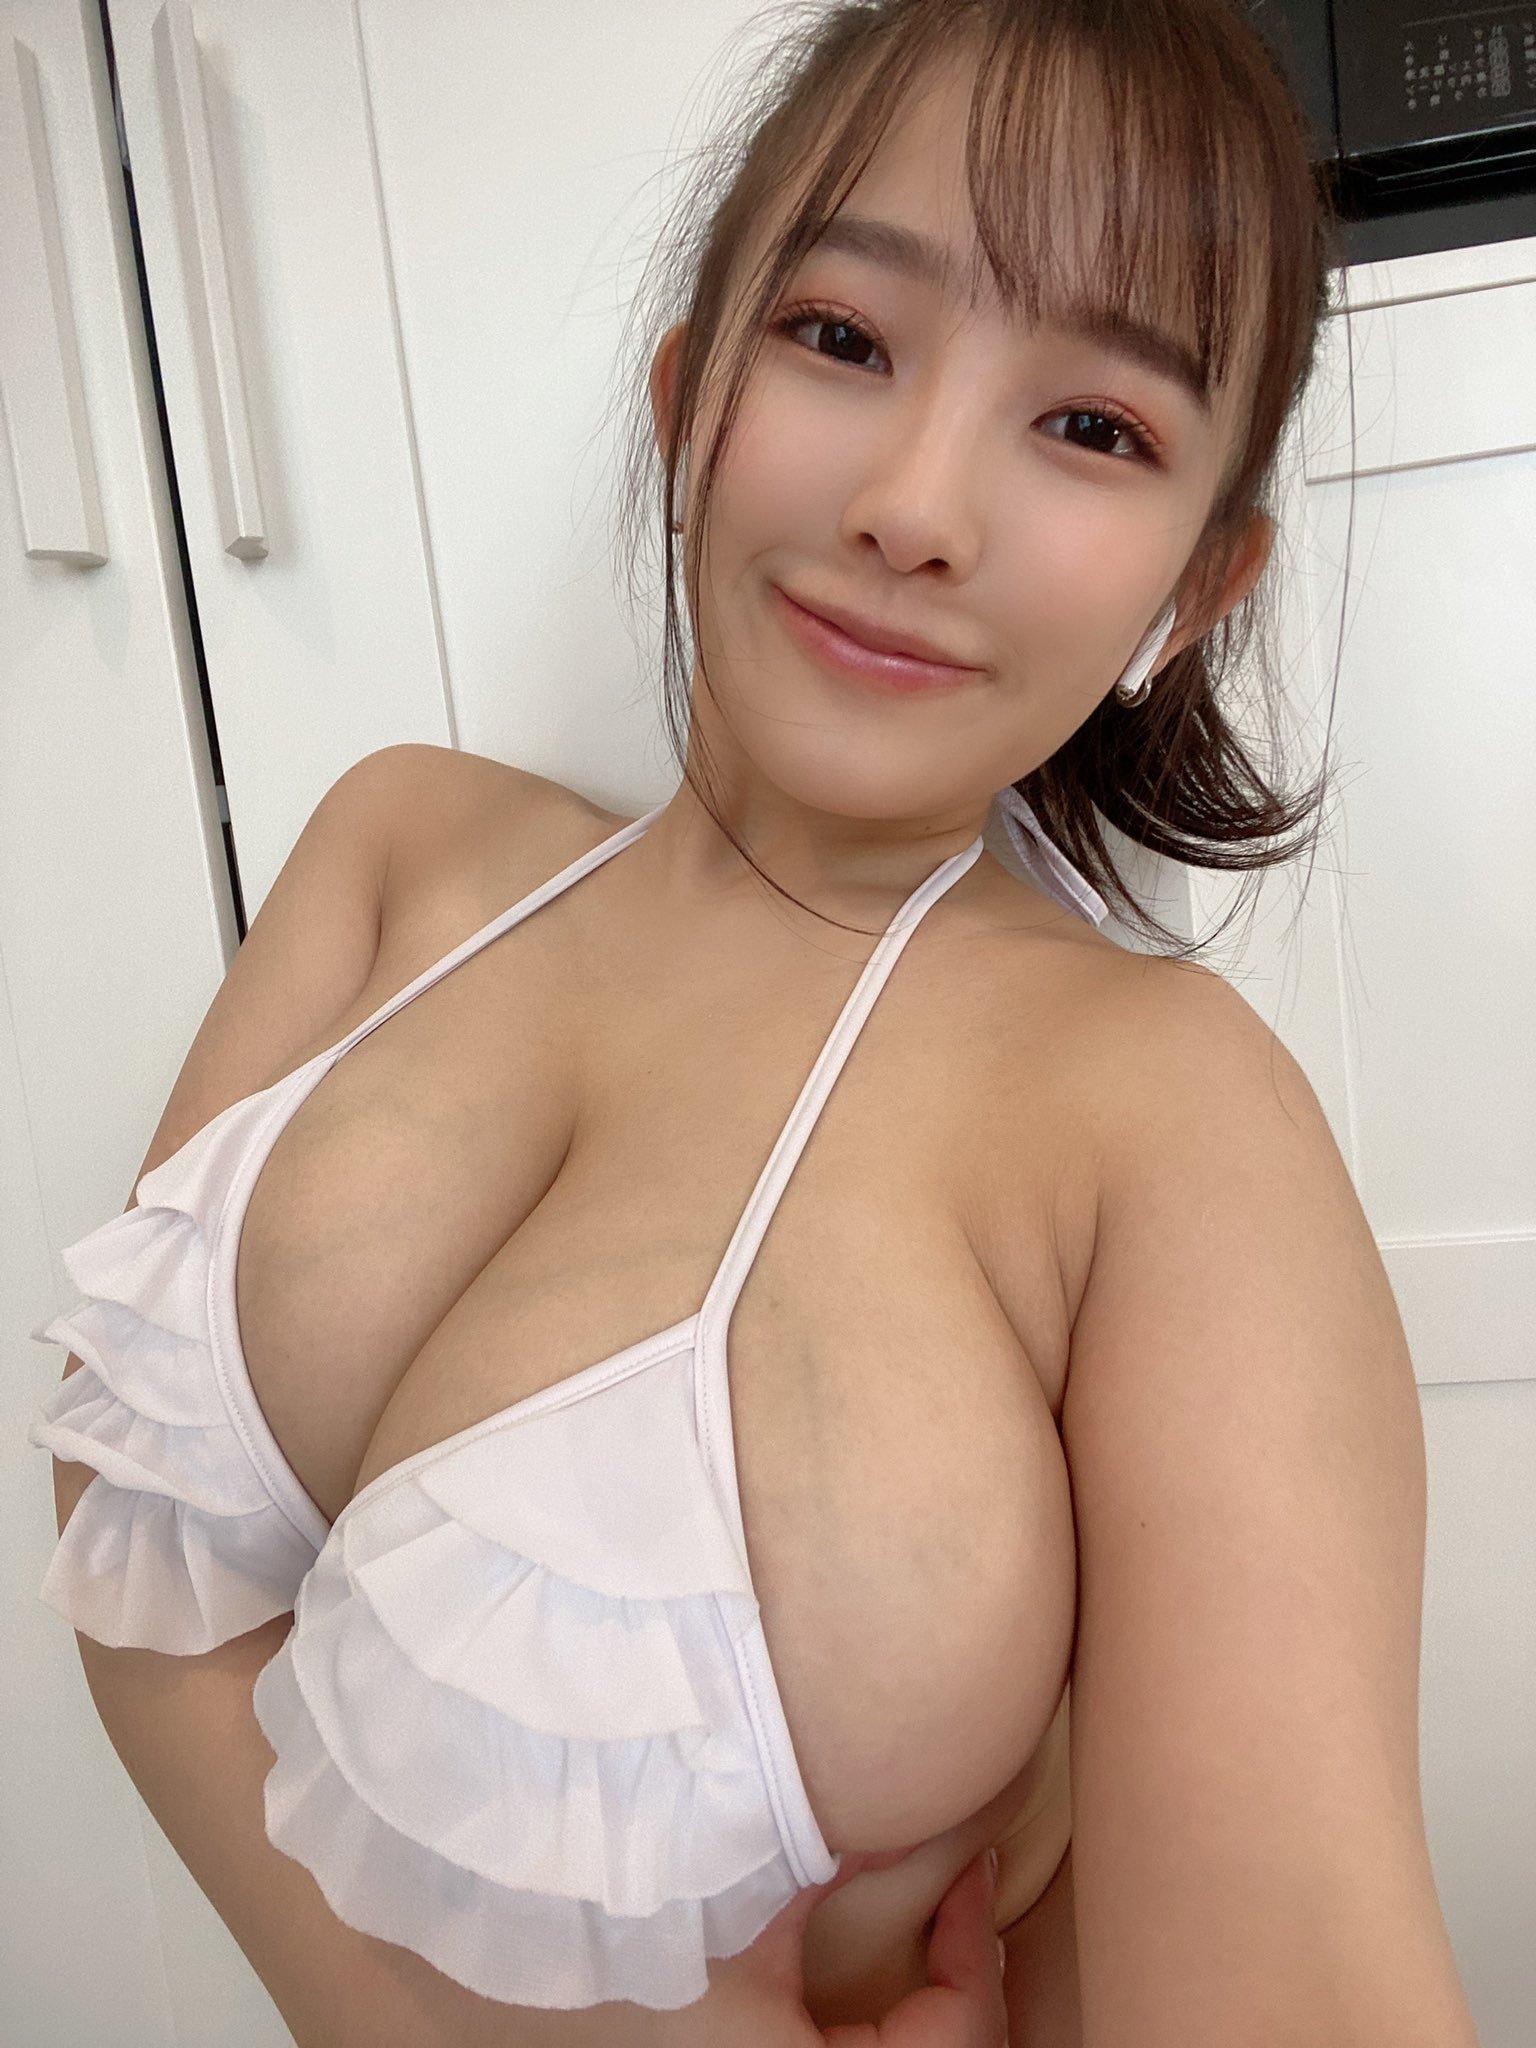 jun_amaki 1273303731241545728_p1